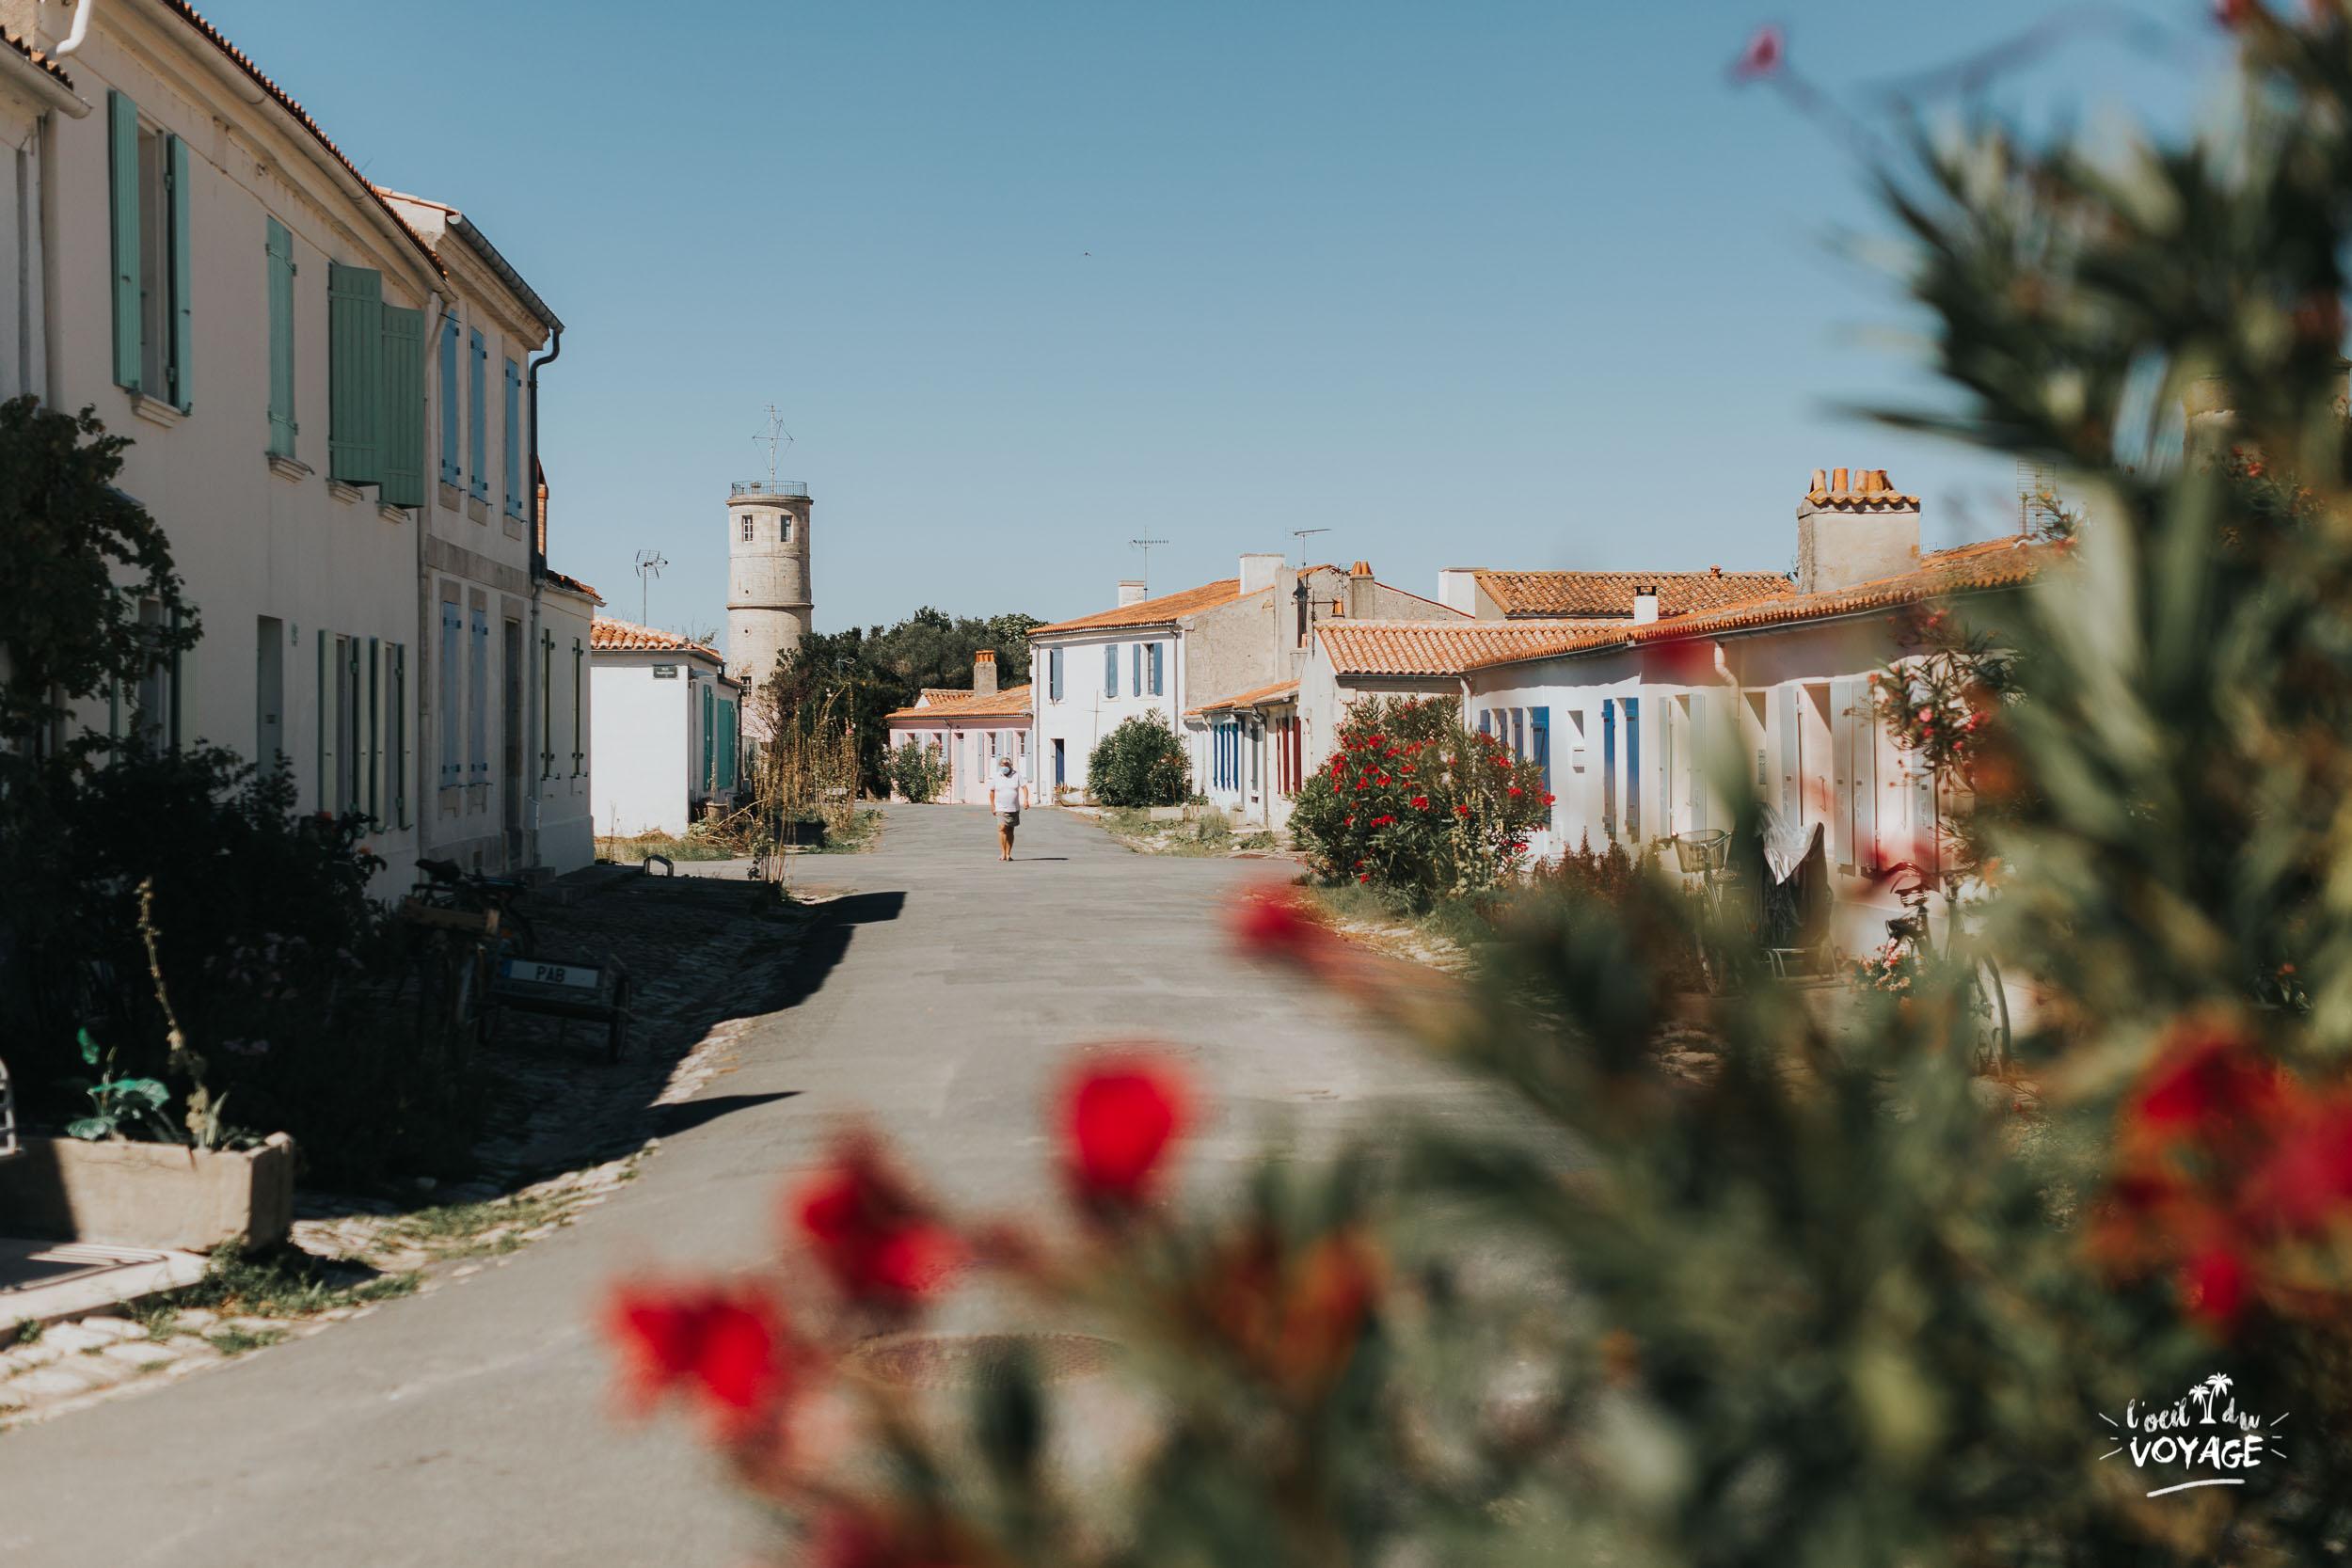 catamaran fort boyard et ile d'aix. tourisme Oléron et Sud Charente, que faire sur l'Île d'Oléron, blog voyage France, L'oeil du Voyage